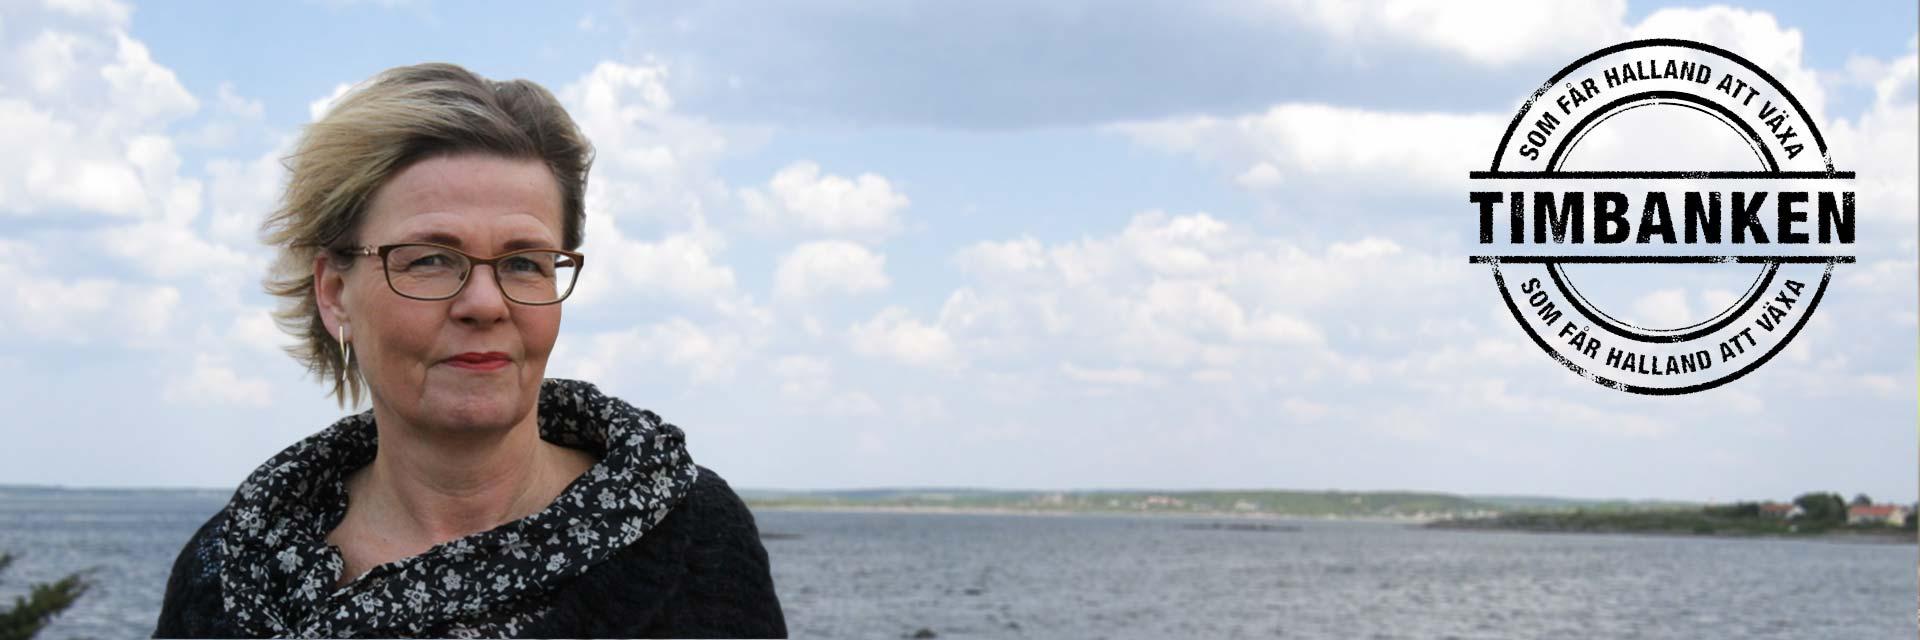 konsult säljcoach Hanna Plymouth Timbanken Halland gratis kostnadsfritt står framför hav med Timbanken logotype